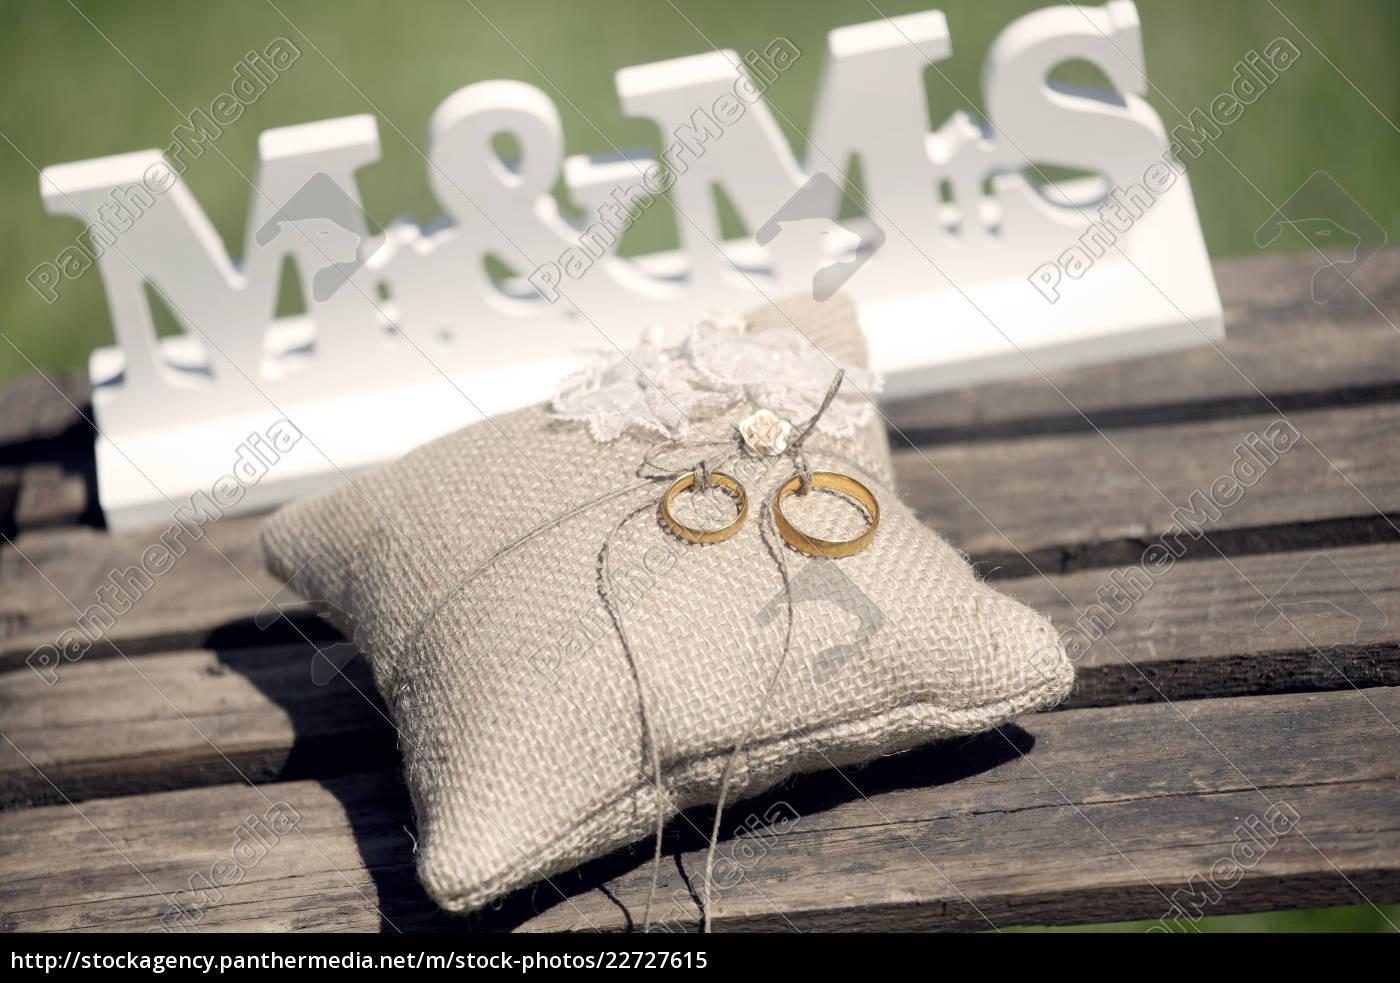 Lizenzfreies Bild 22727615 - Hochzeit Ringe Kissen